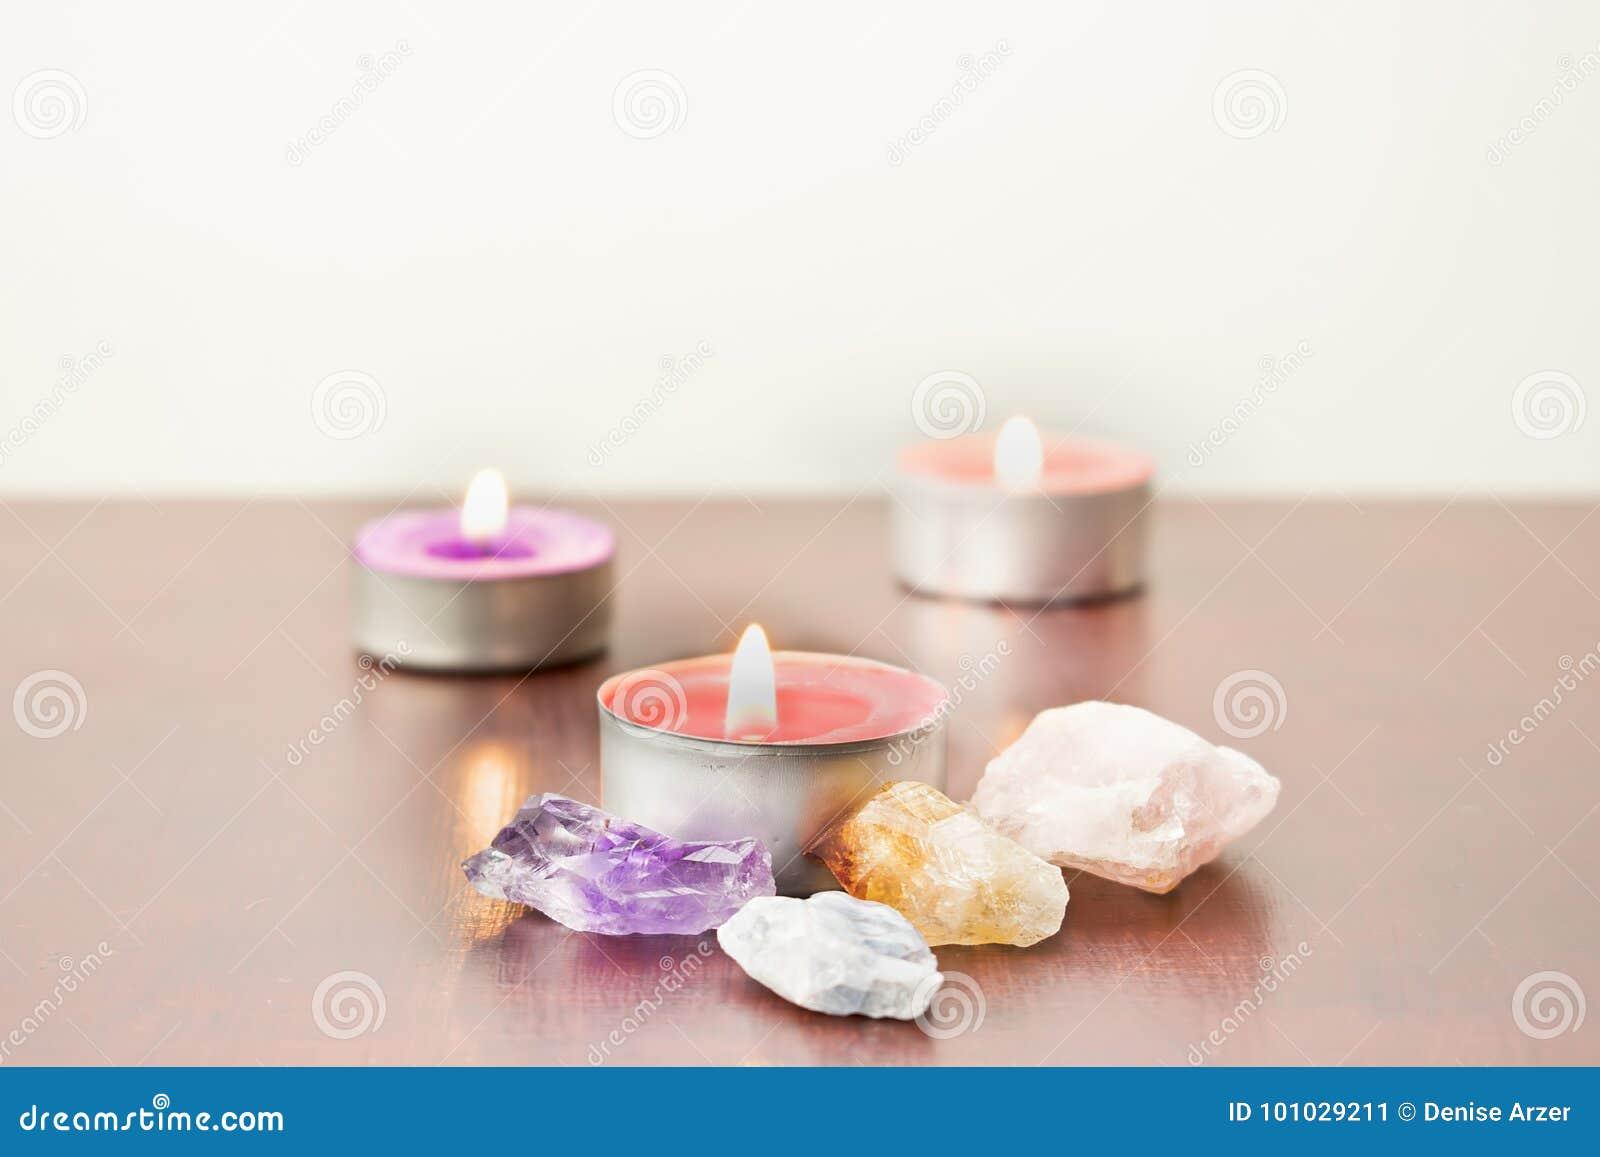 świeczki kamień